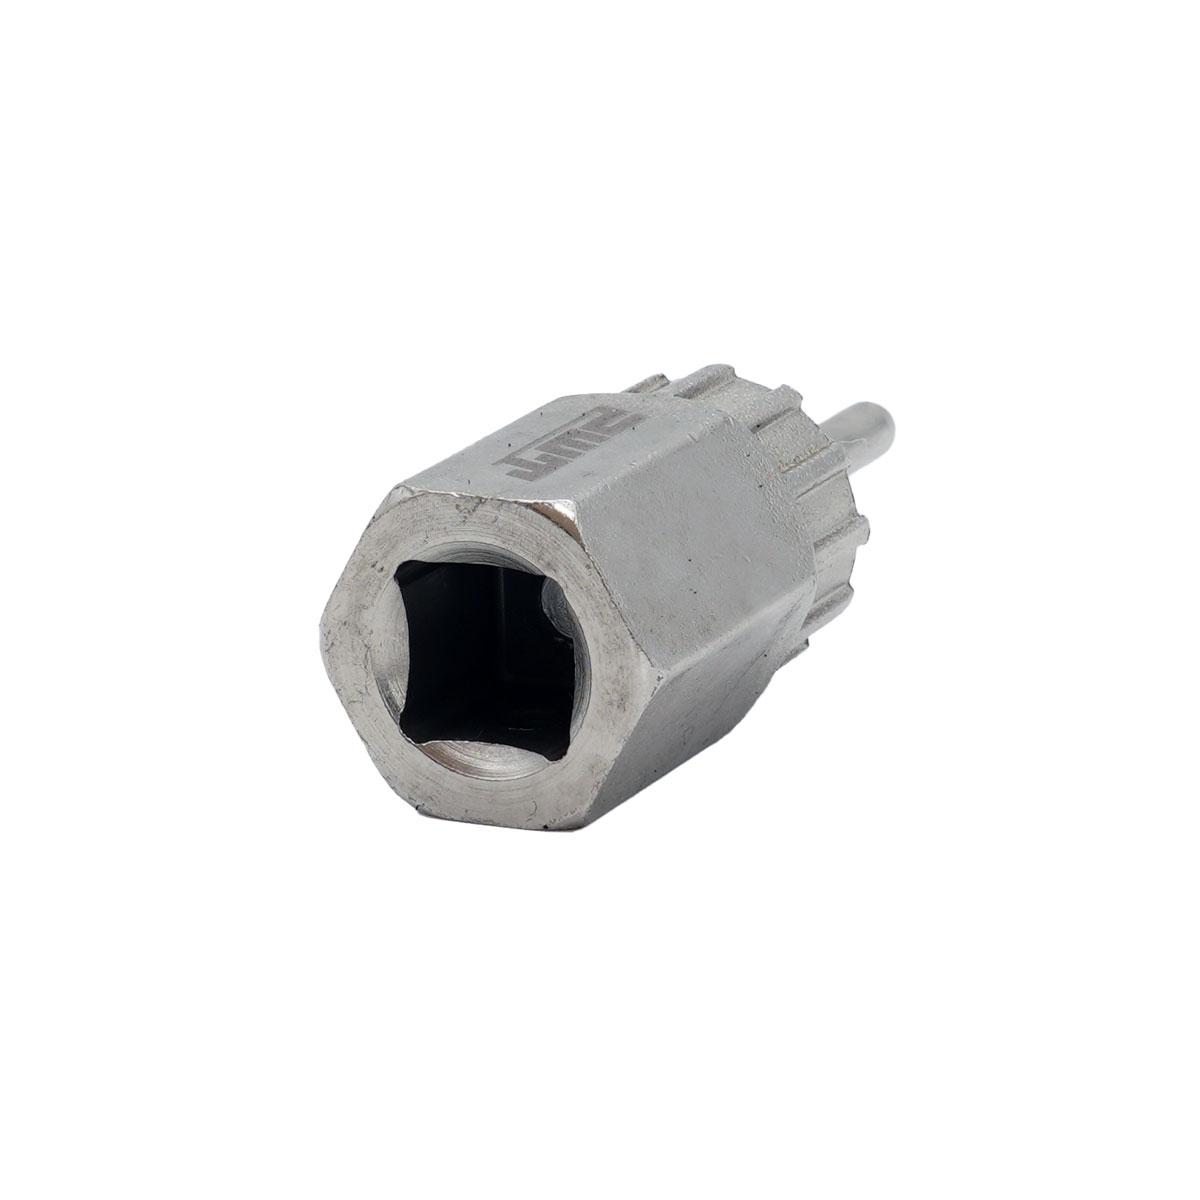 PWT フリーホイールリムーバー カセットスプロケット用ロックリング外し 工具 差込角1/2インチ シルバー FR1A